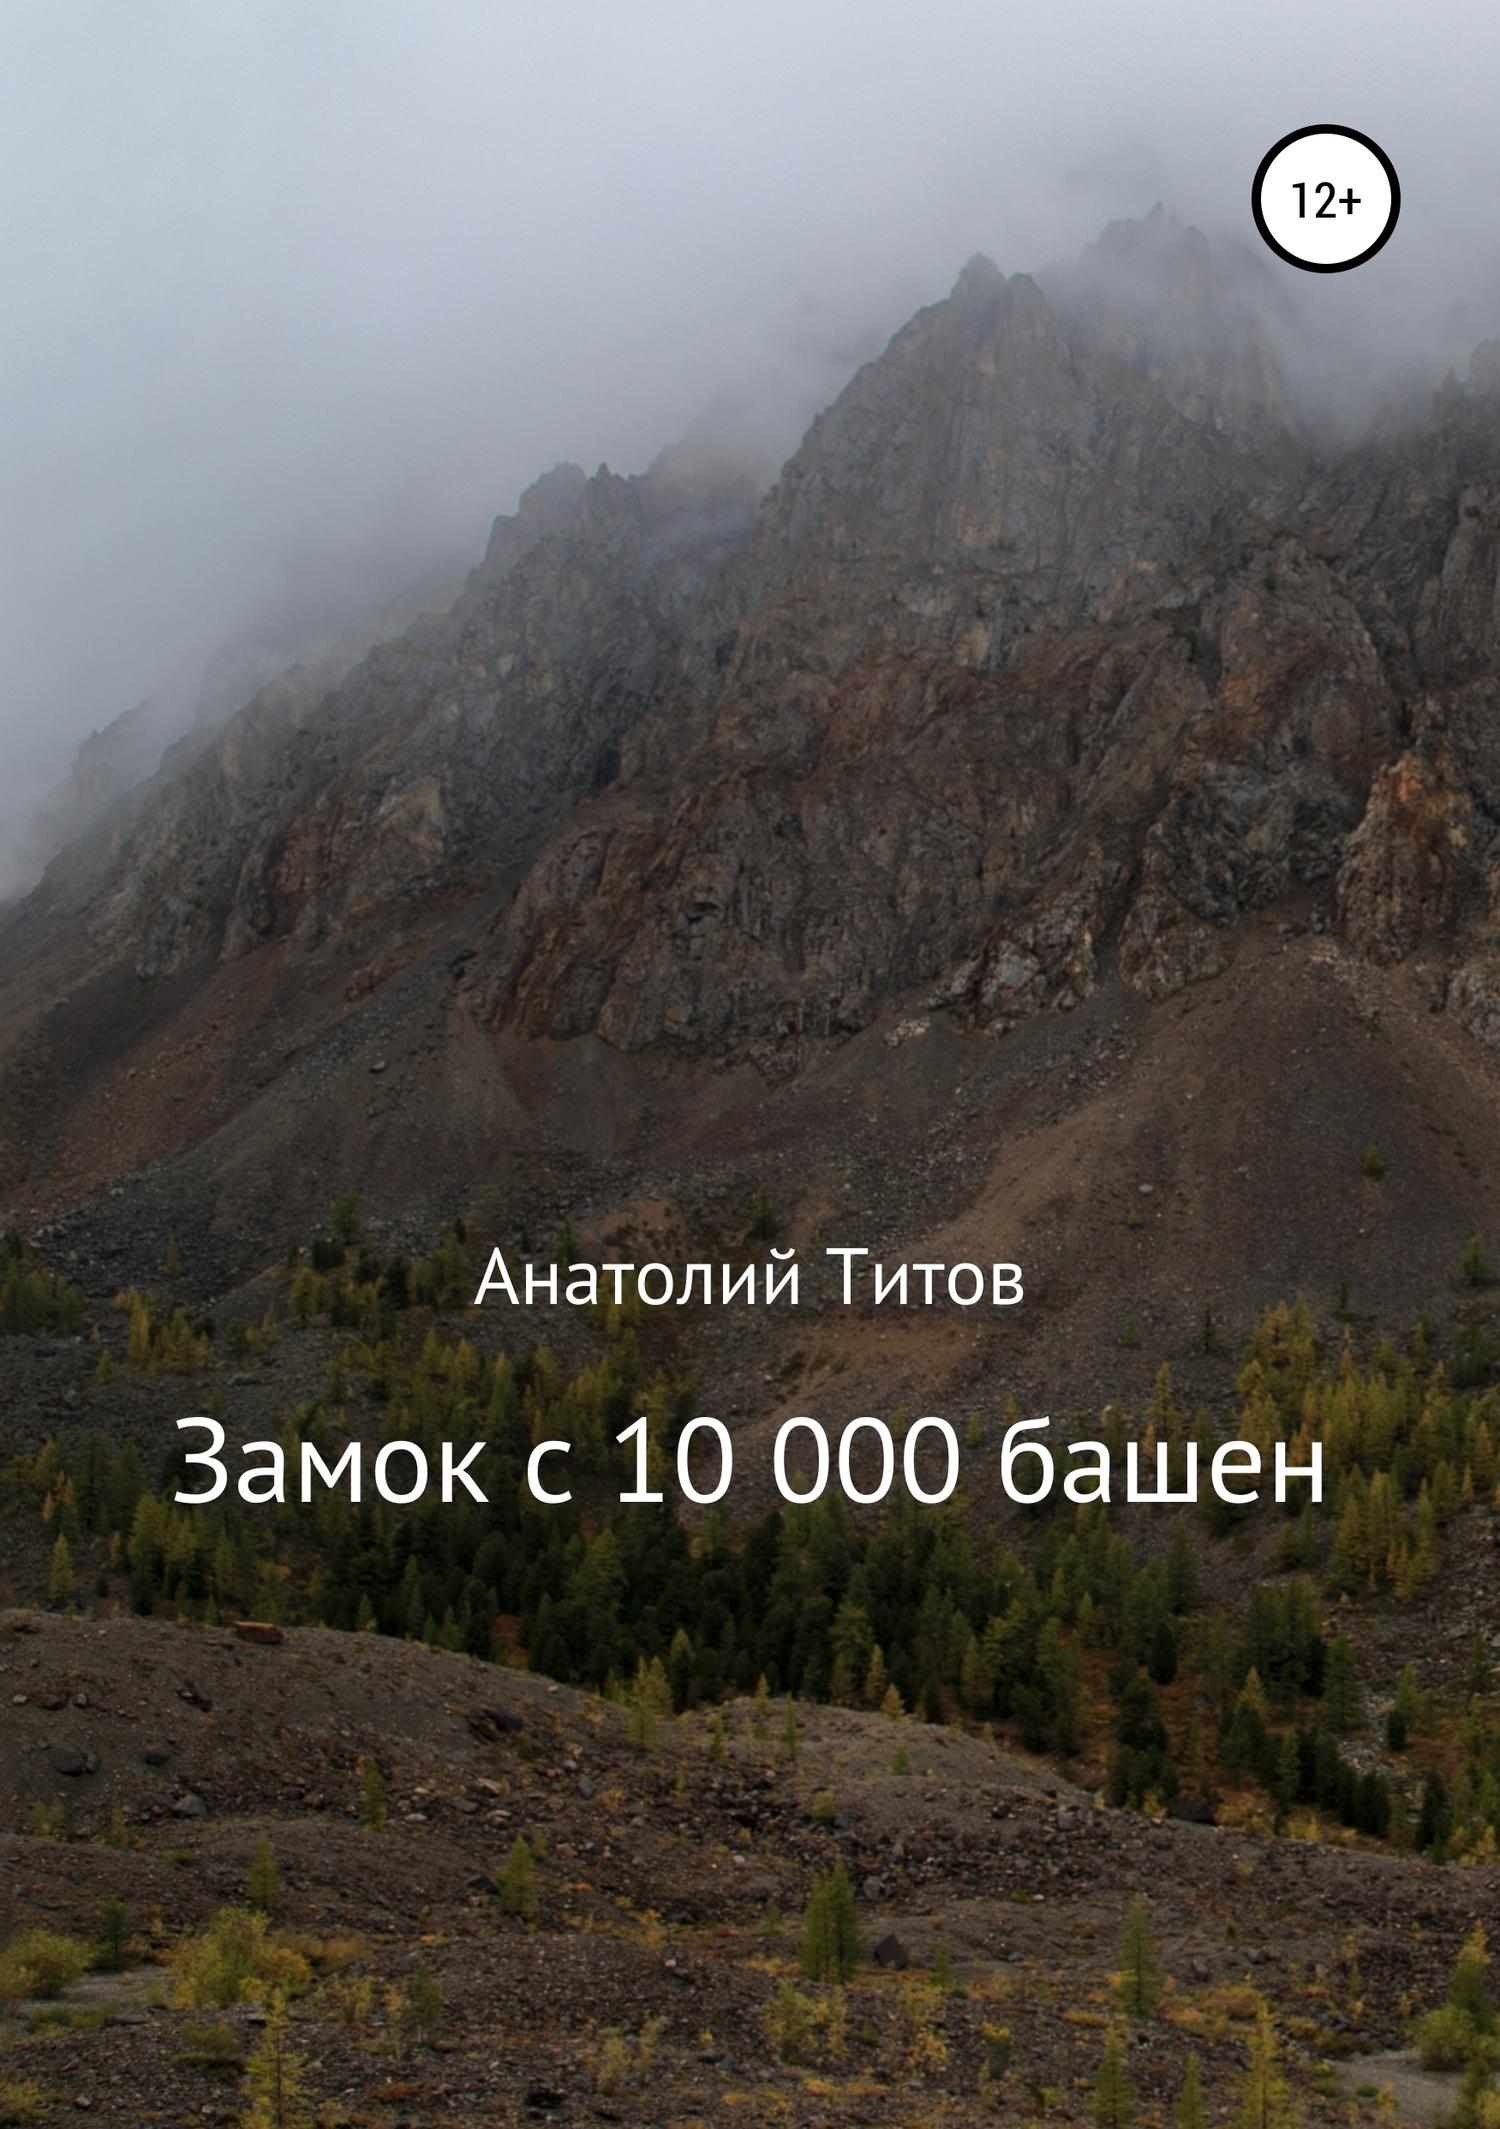 Замок с 10 000 башен